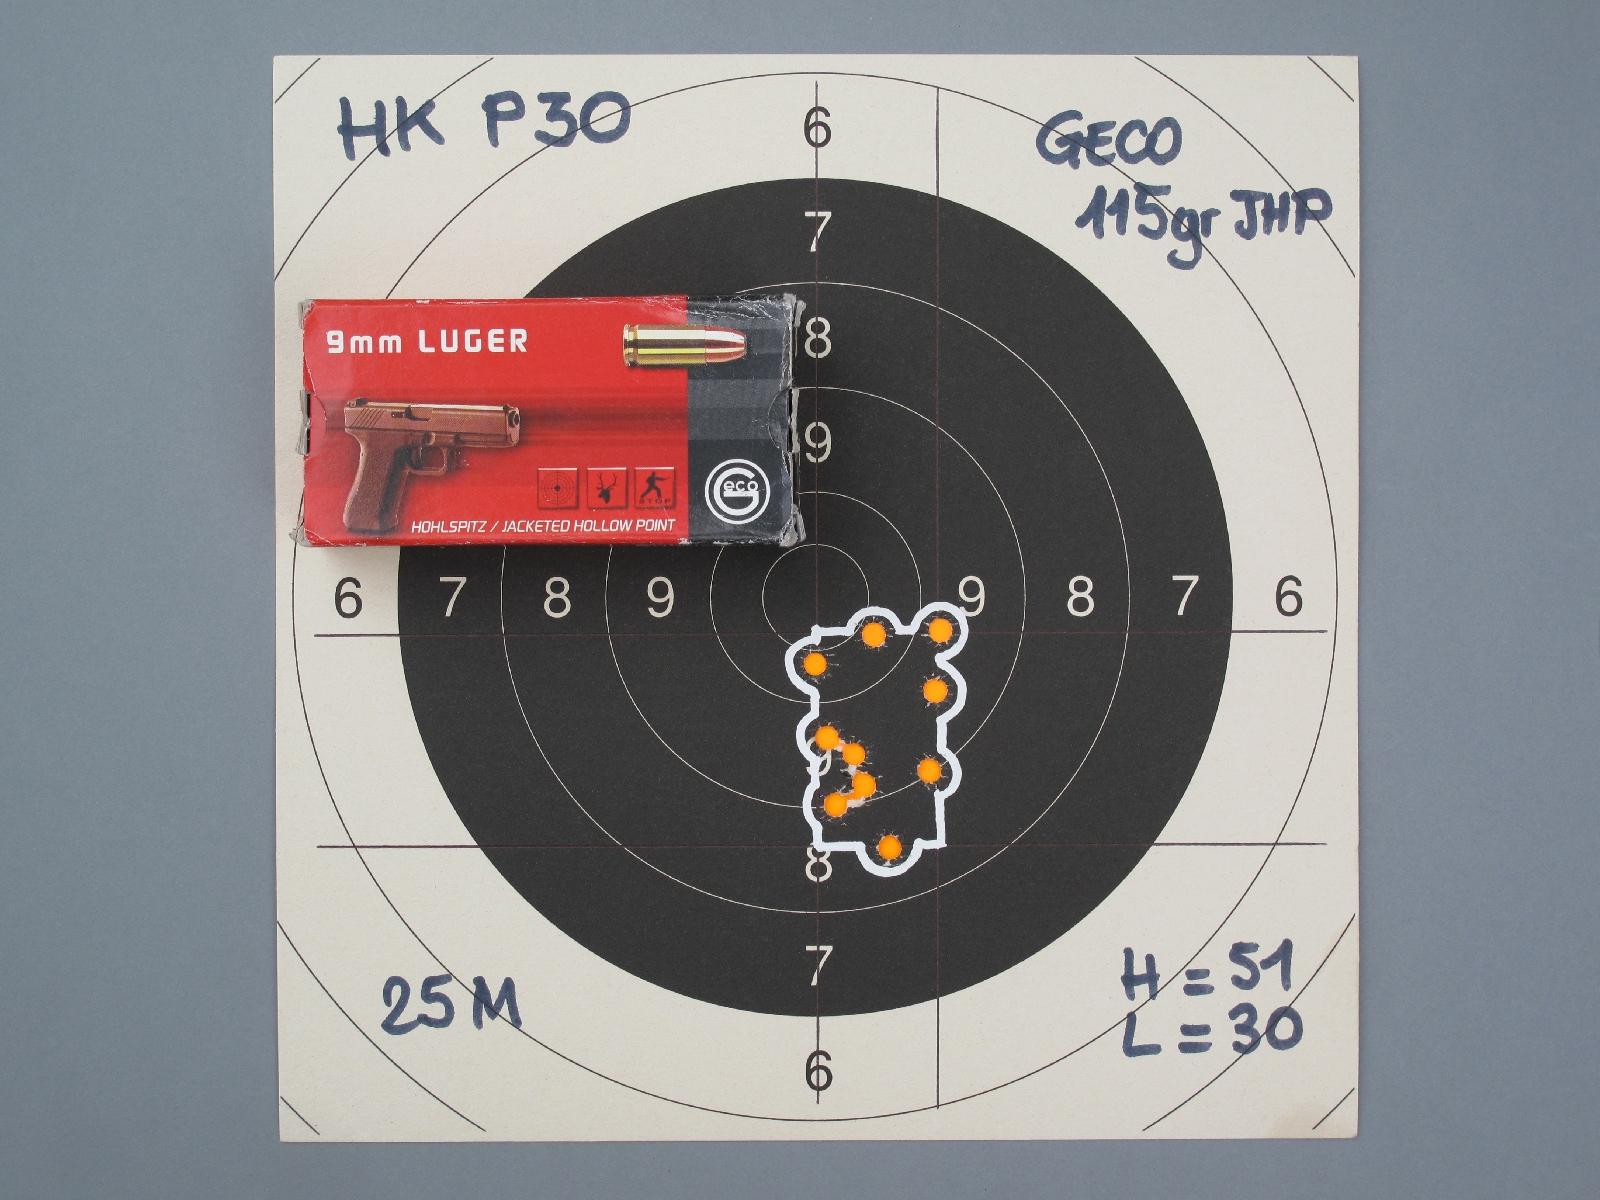 Malgré la longueur réduite de son canon, ce pistolet de combat compact et léger procure, à la distance de 25 mètres, une précision en cible supérieure à bon nombre de ses concurrents.